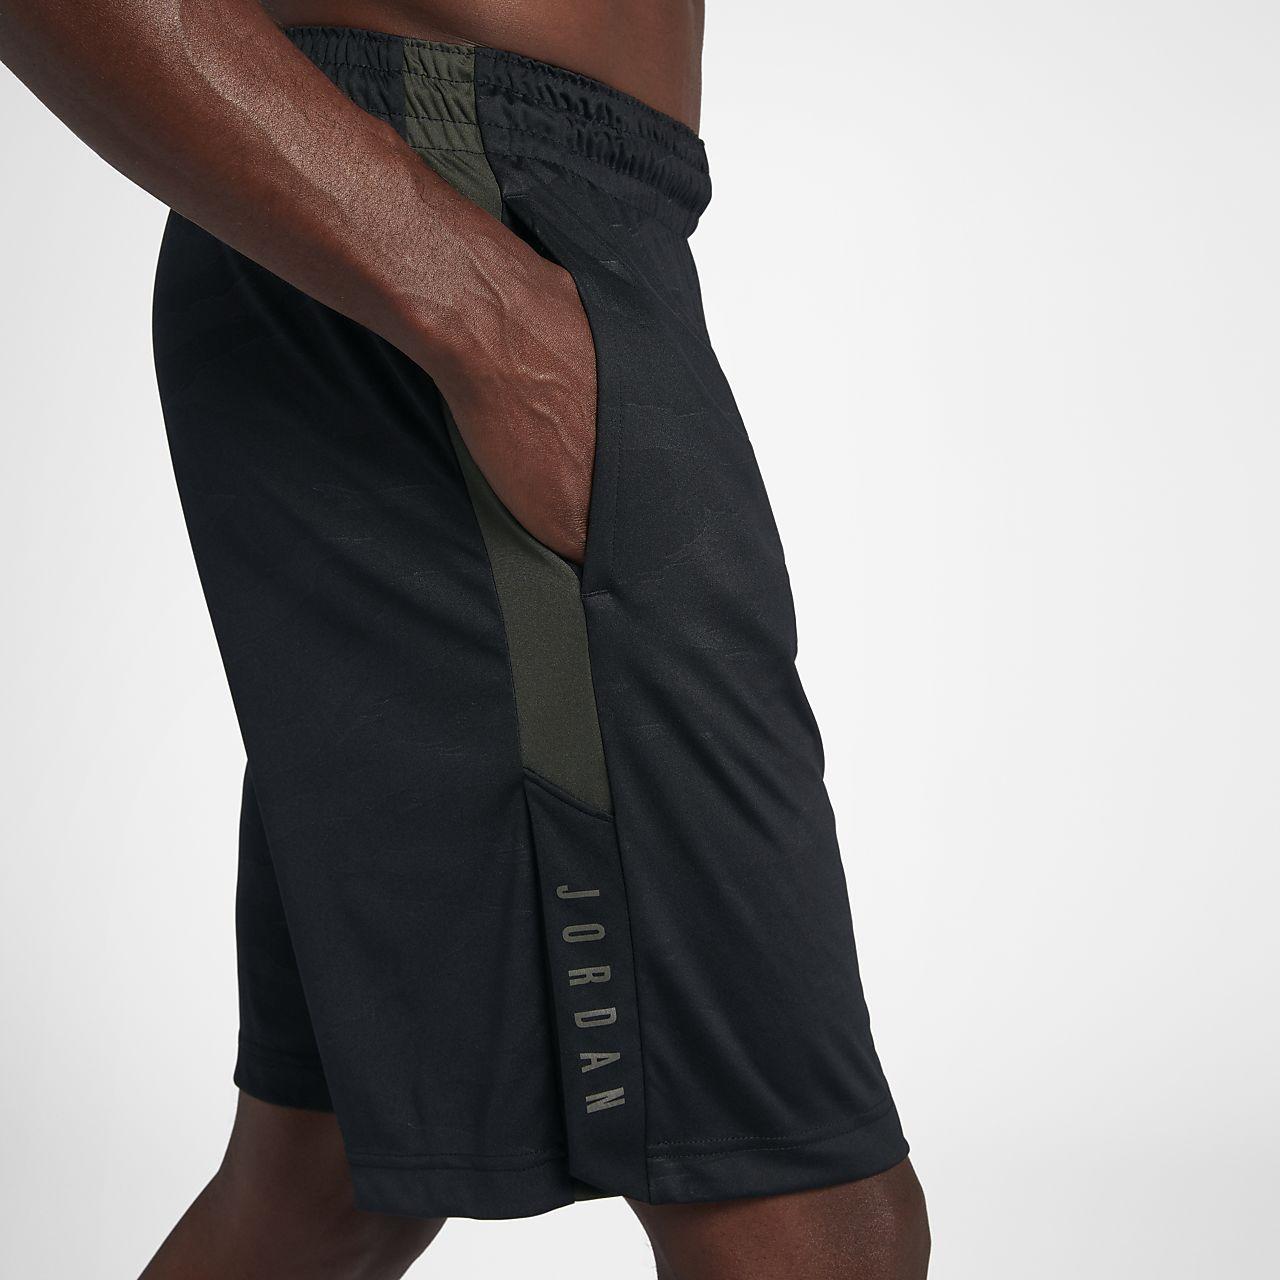 ca6f59dab66 Jordan Dri-FIT 23 Alpha Men's Knit Printed Training Shorts. Nike.com IN